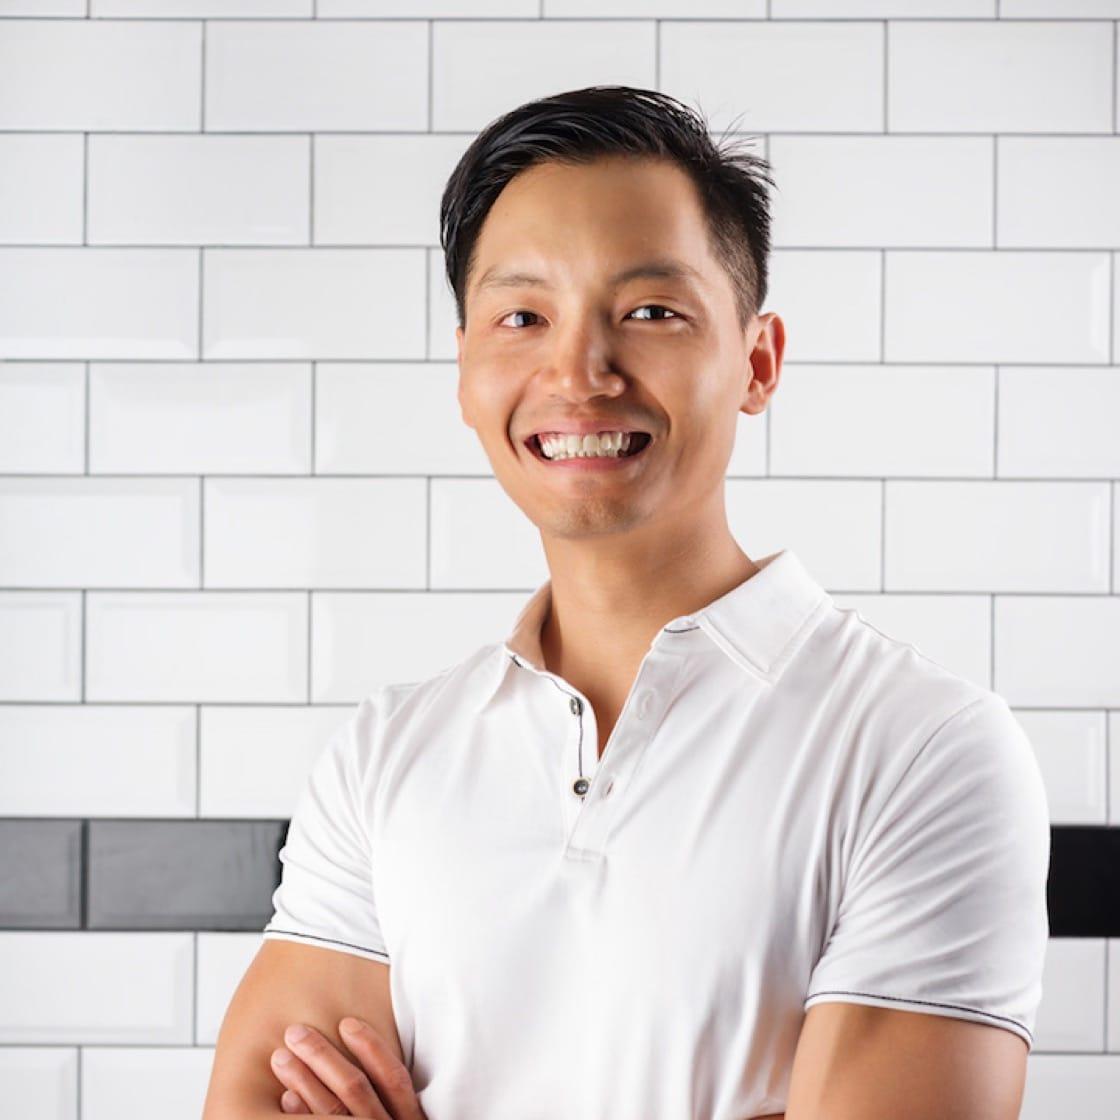 https://d3h1lg3ksw6i6b.cloudfront.net/media/image/2017/07/17/e880d44d390f4b91990d61a3b73b8223_Ah+Tung+%283rd+Generation+Chef-Owner%29.jpg